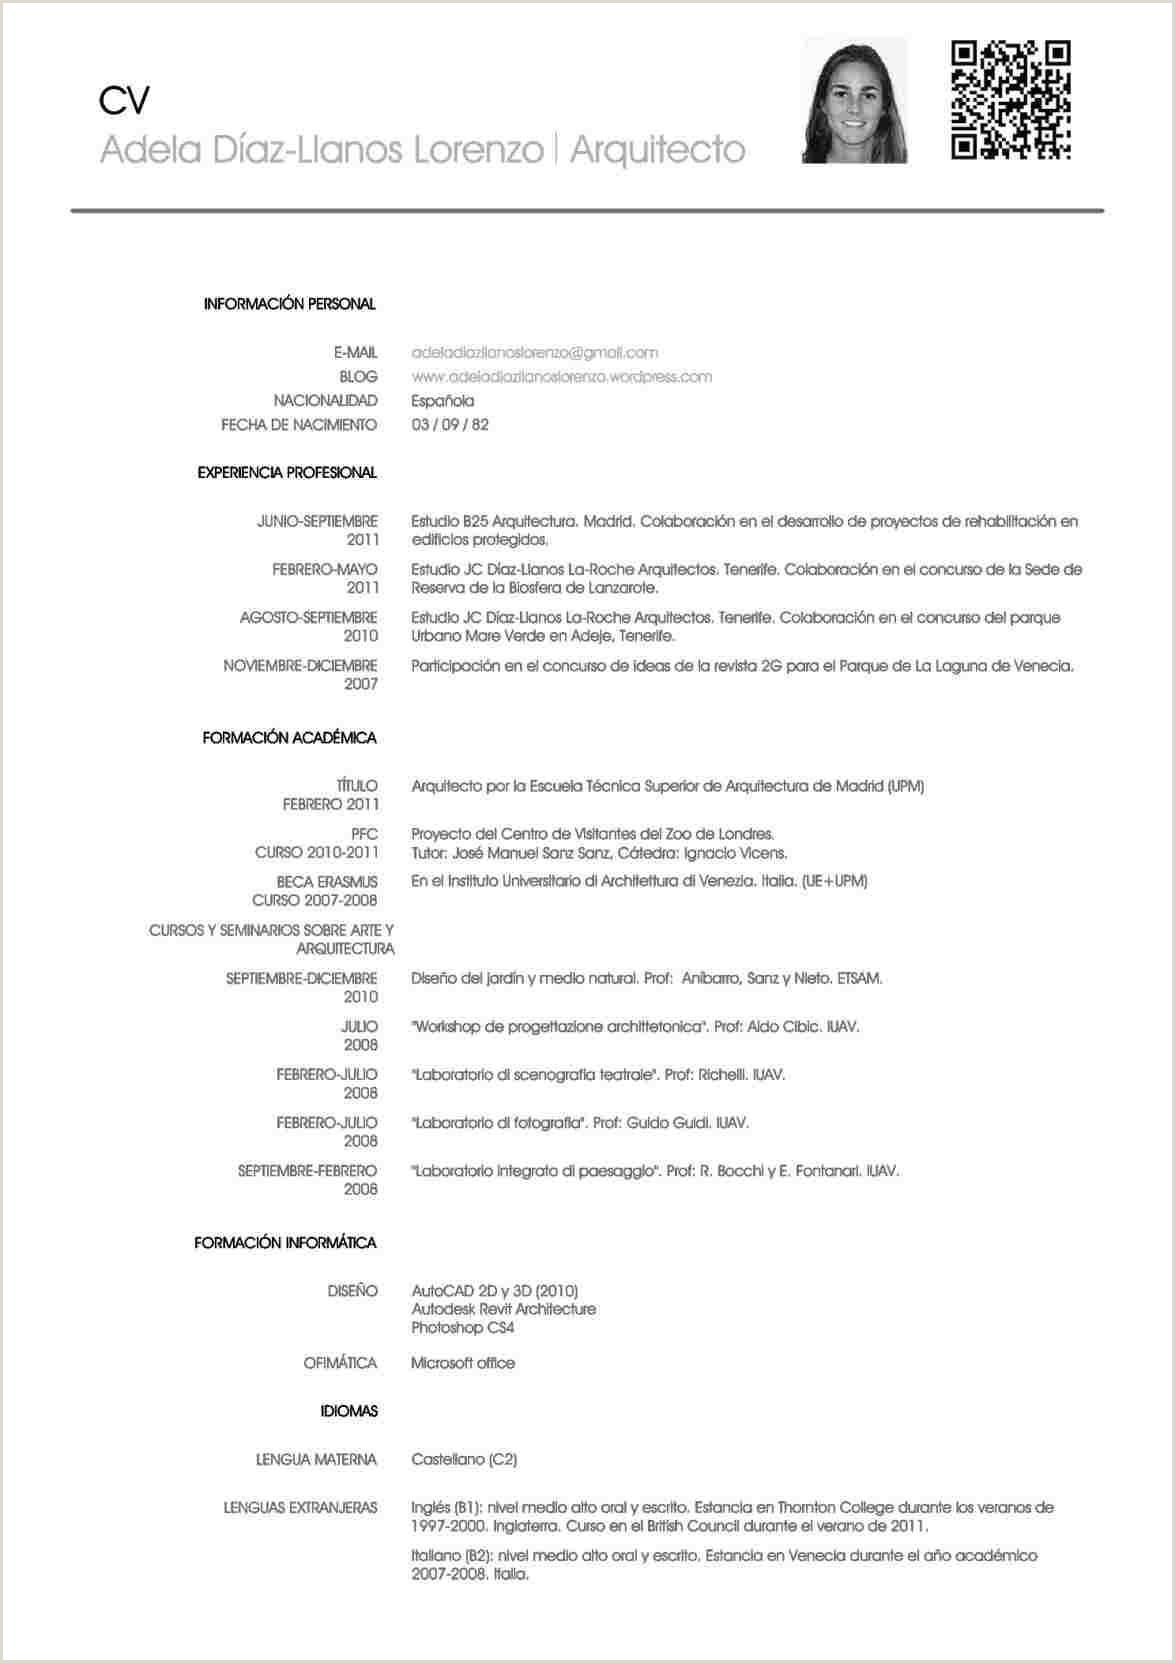 Descargar Plantillas Para Curriculum Vitae Gratis En Espa±ol